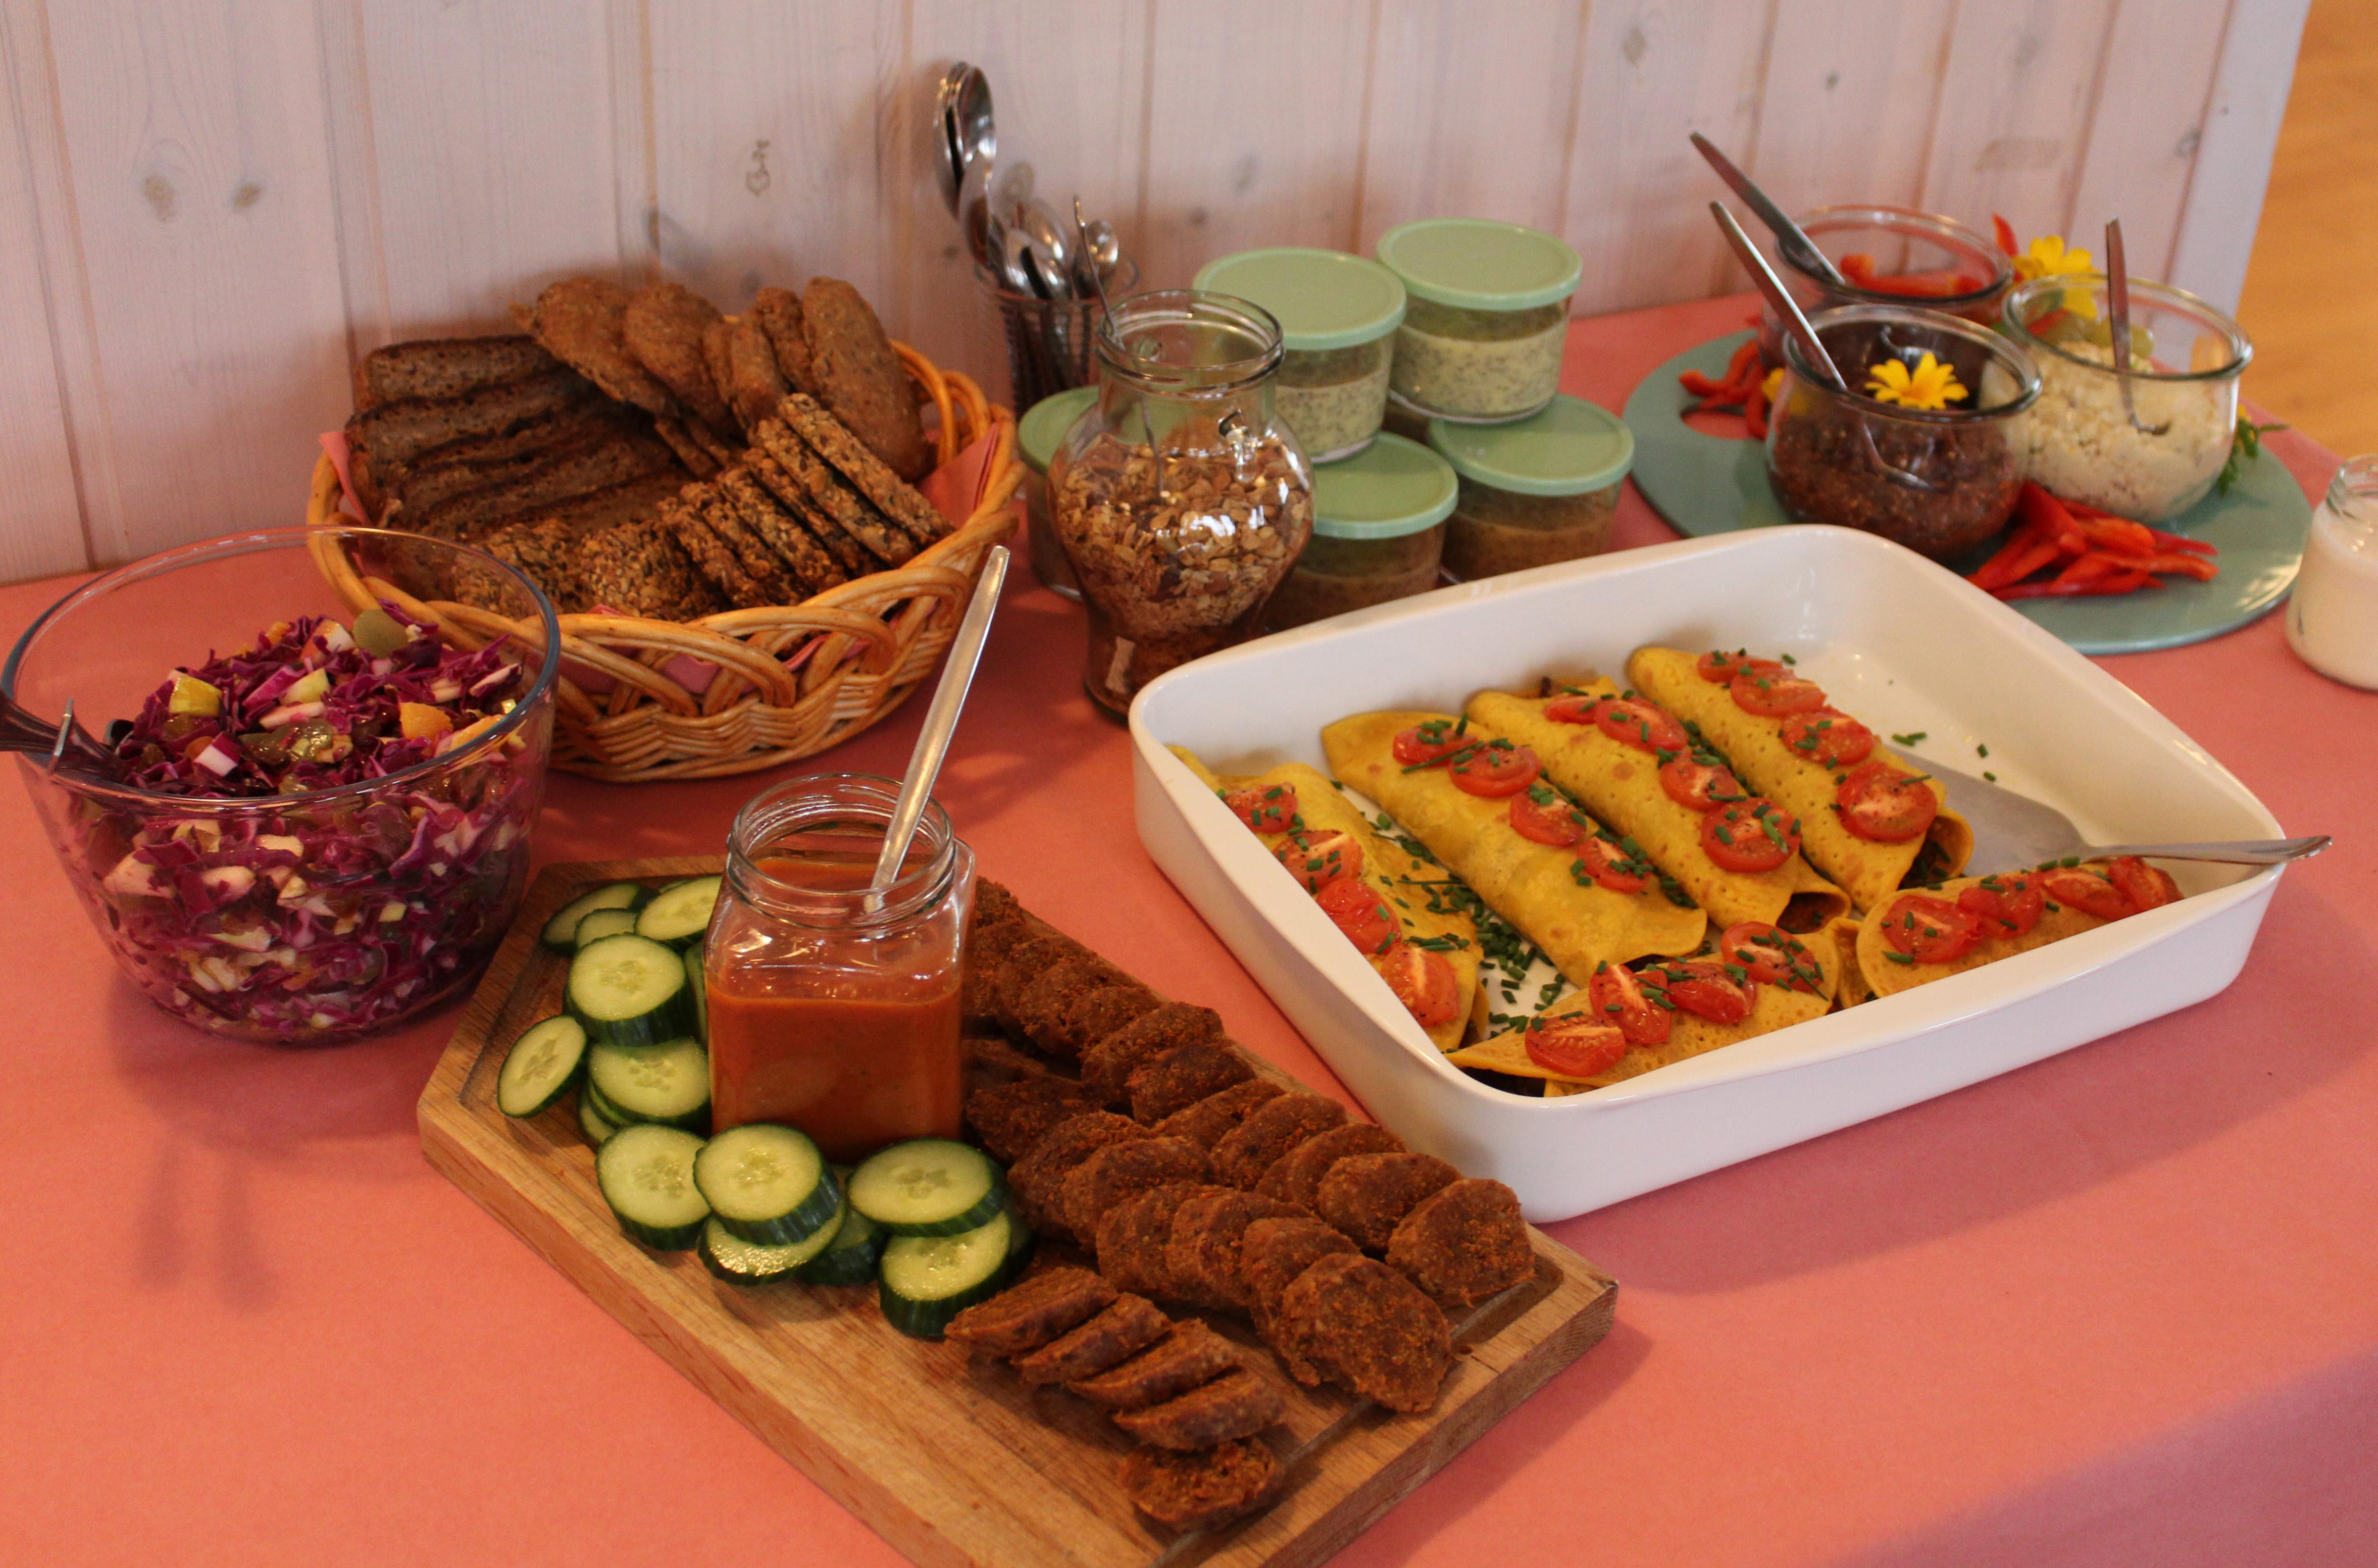 Vegansk brunchbuffet